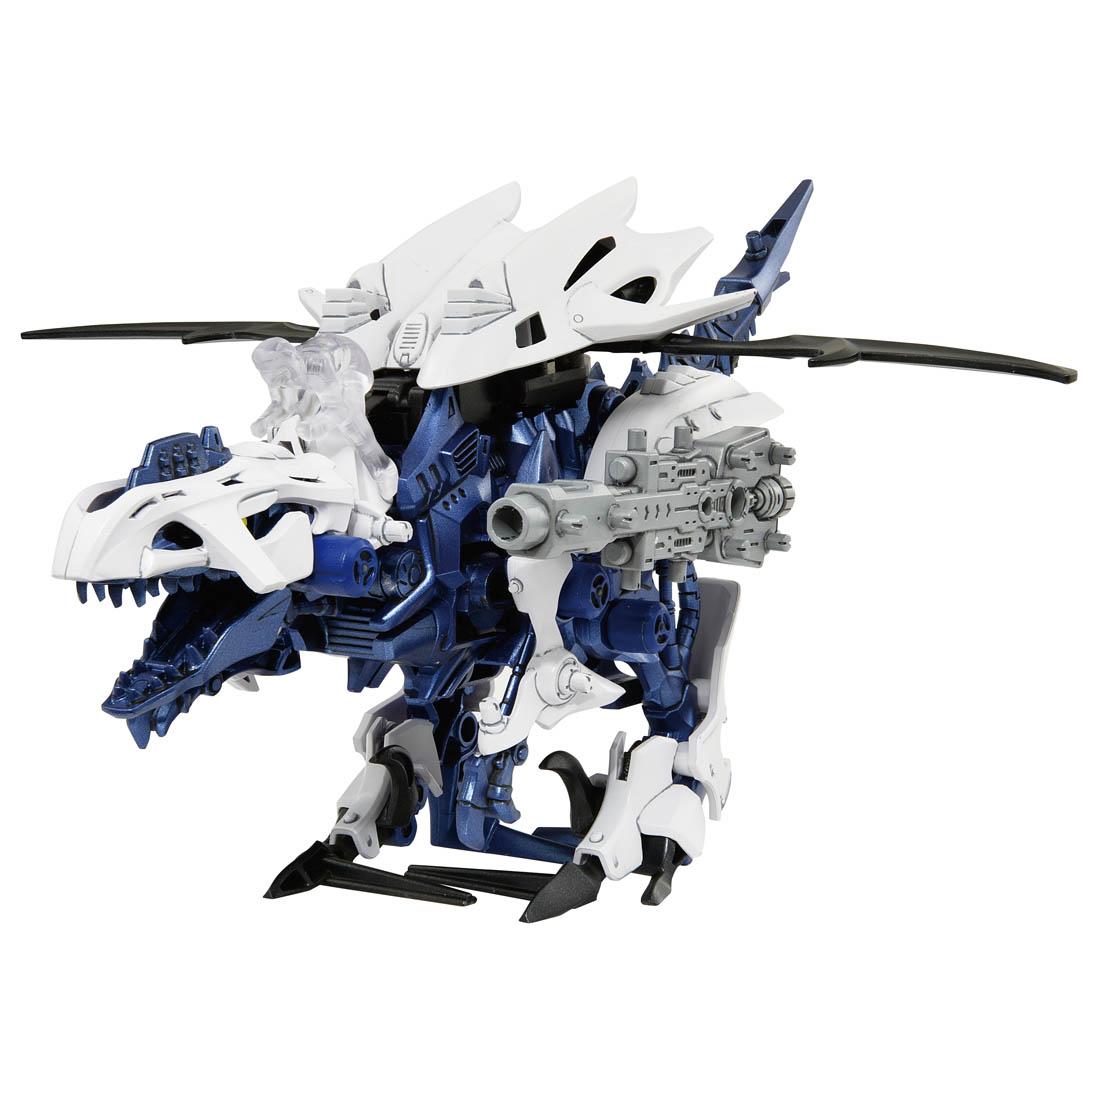 ゾイドワイルド『ZW48 ギルラプターLC』組み立て可動フィギュア-003